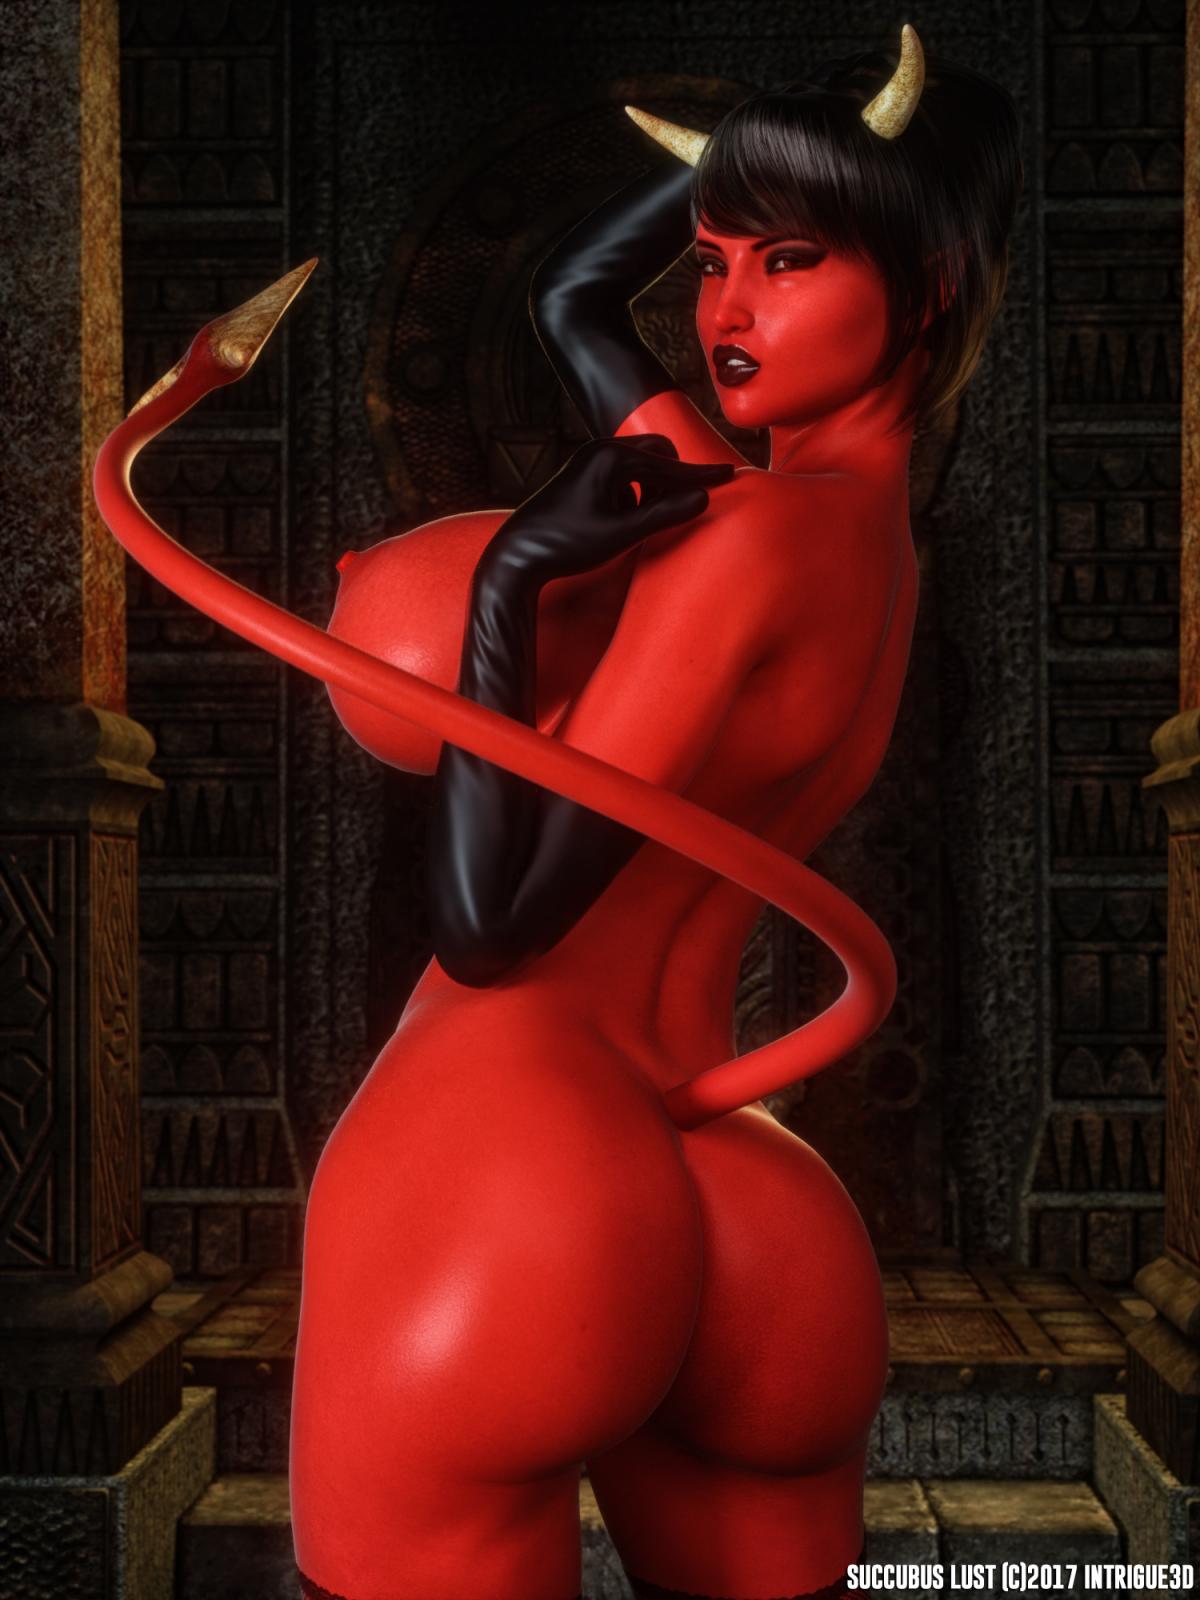 Hình ảnh 25797352567_82f93fa529_o trong bài viết Succubus Lust